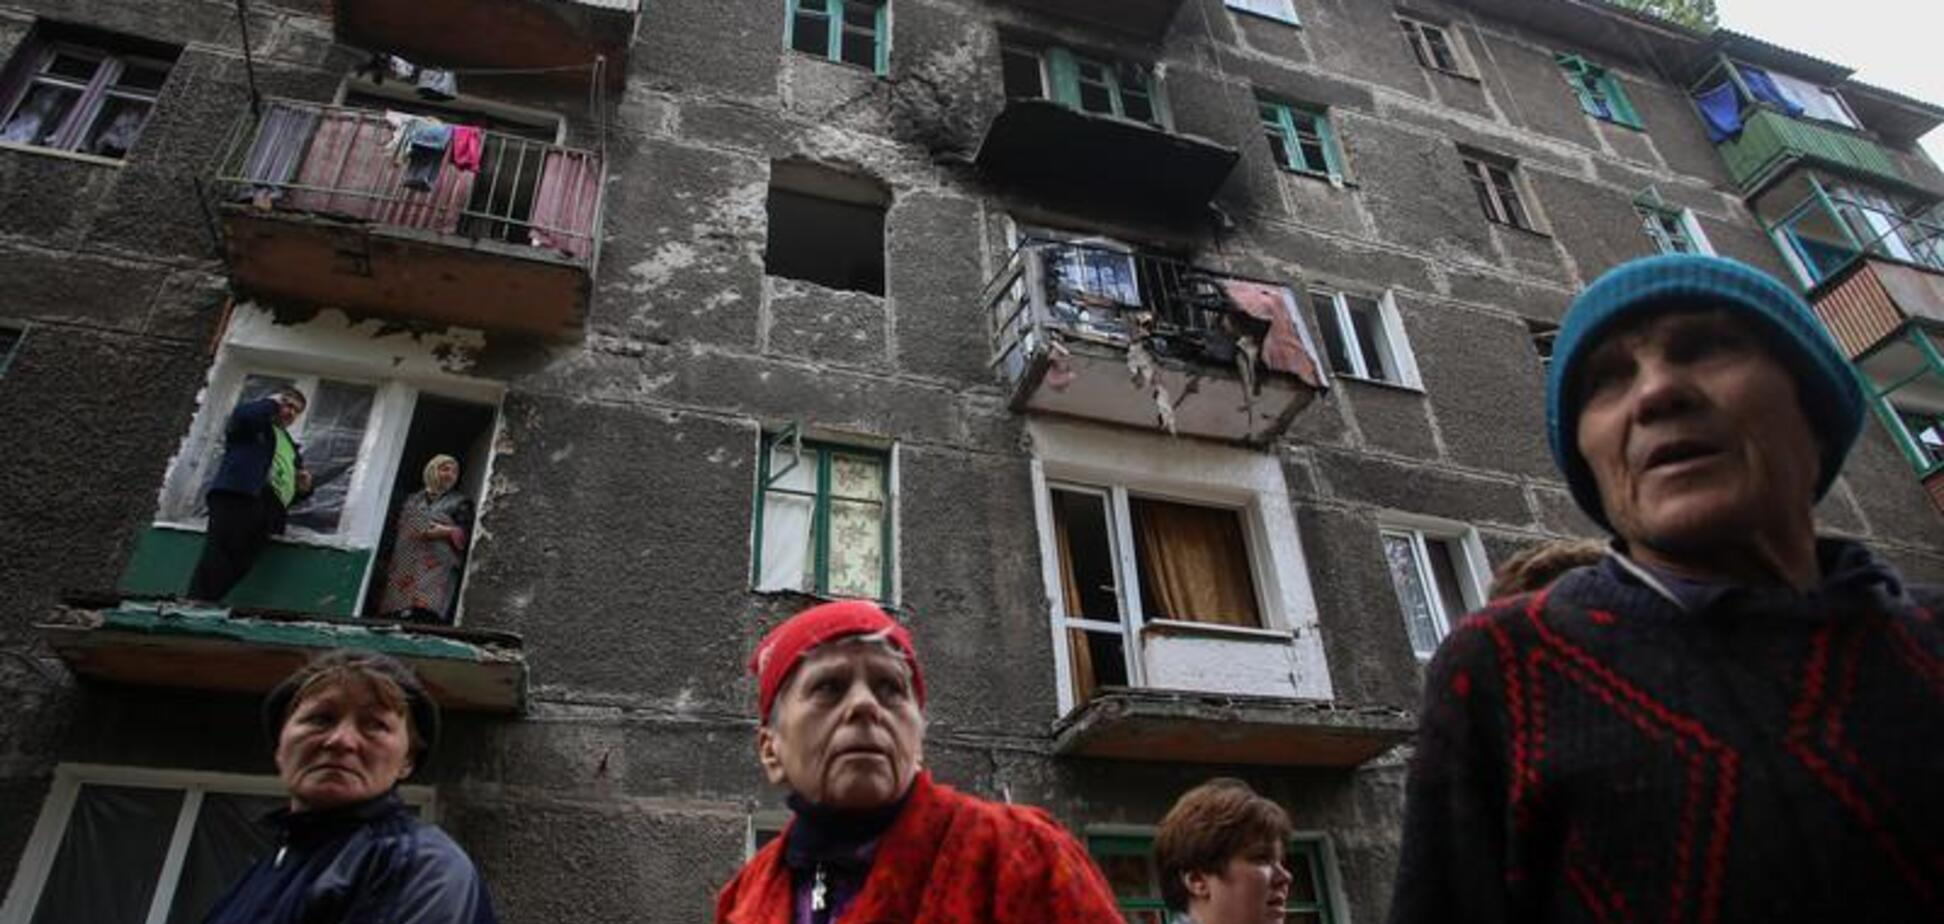 ФСБшники поручили 'обработать' жителей на Донбассе: что известно